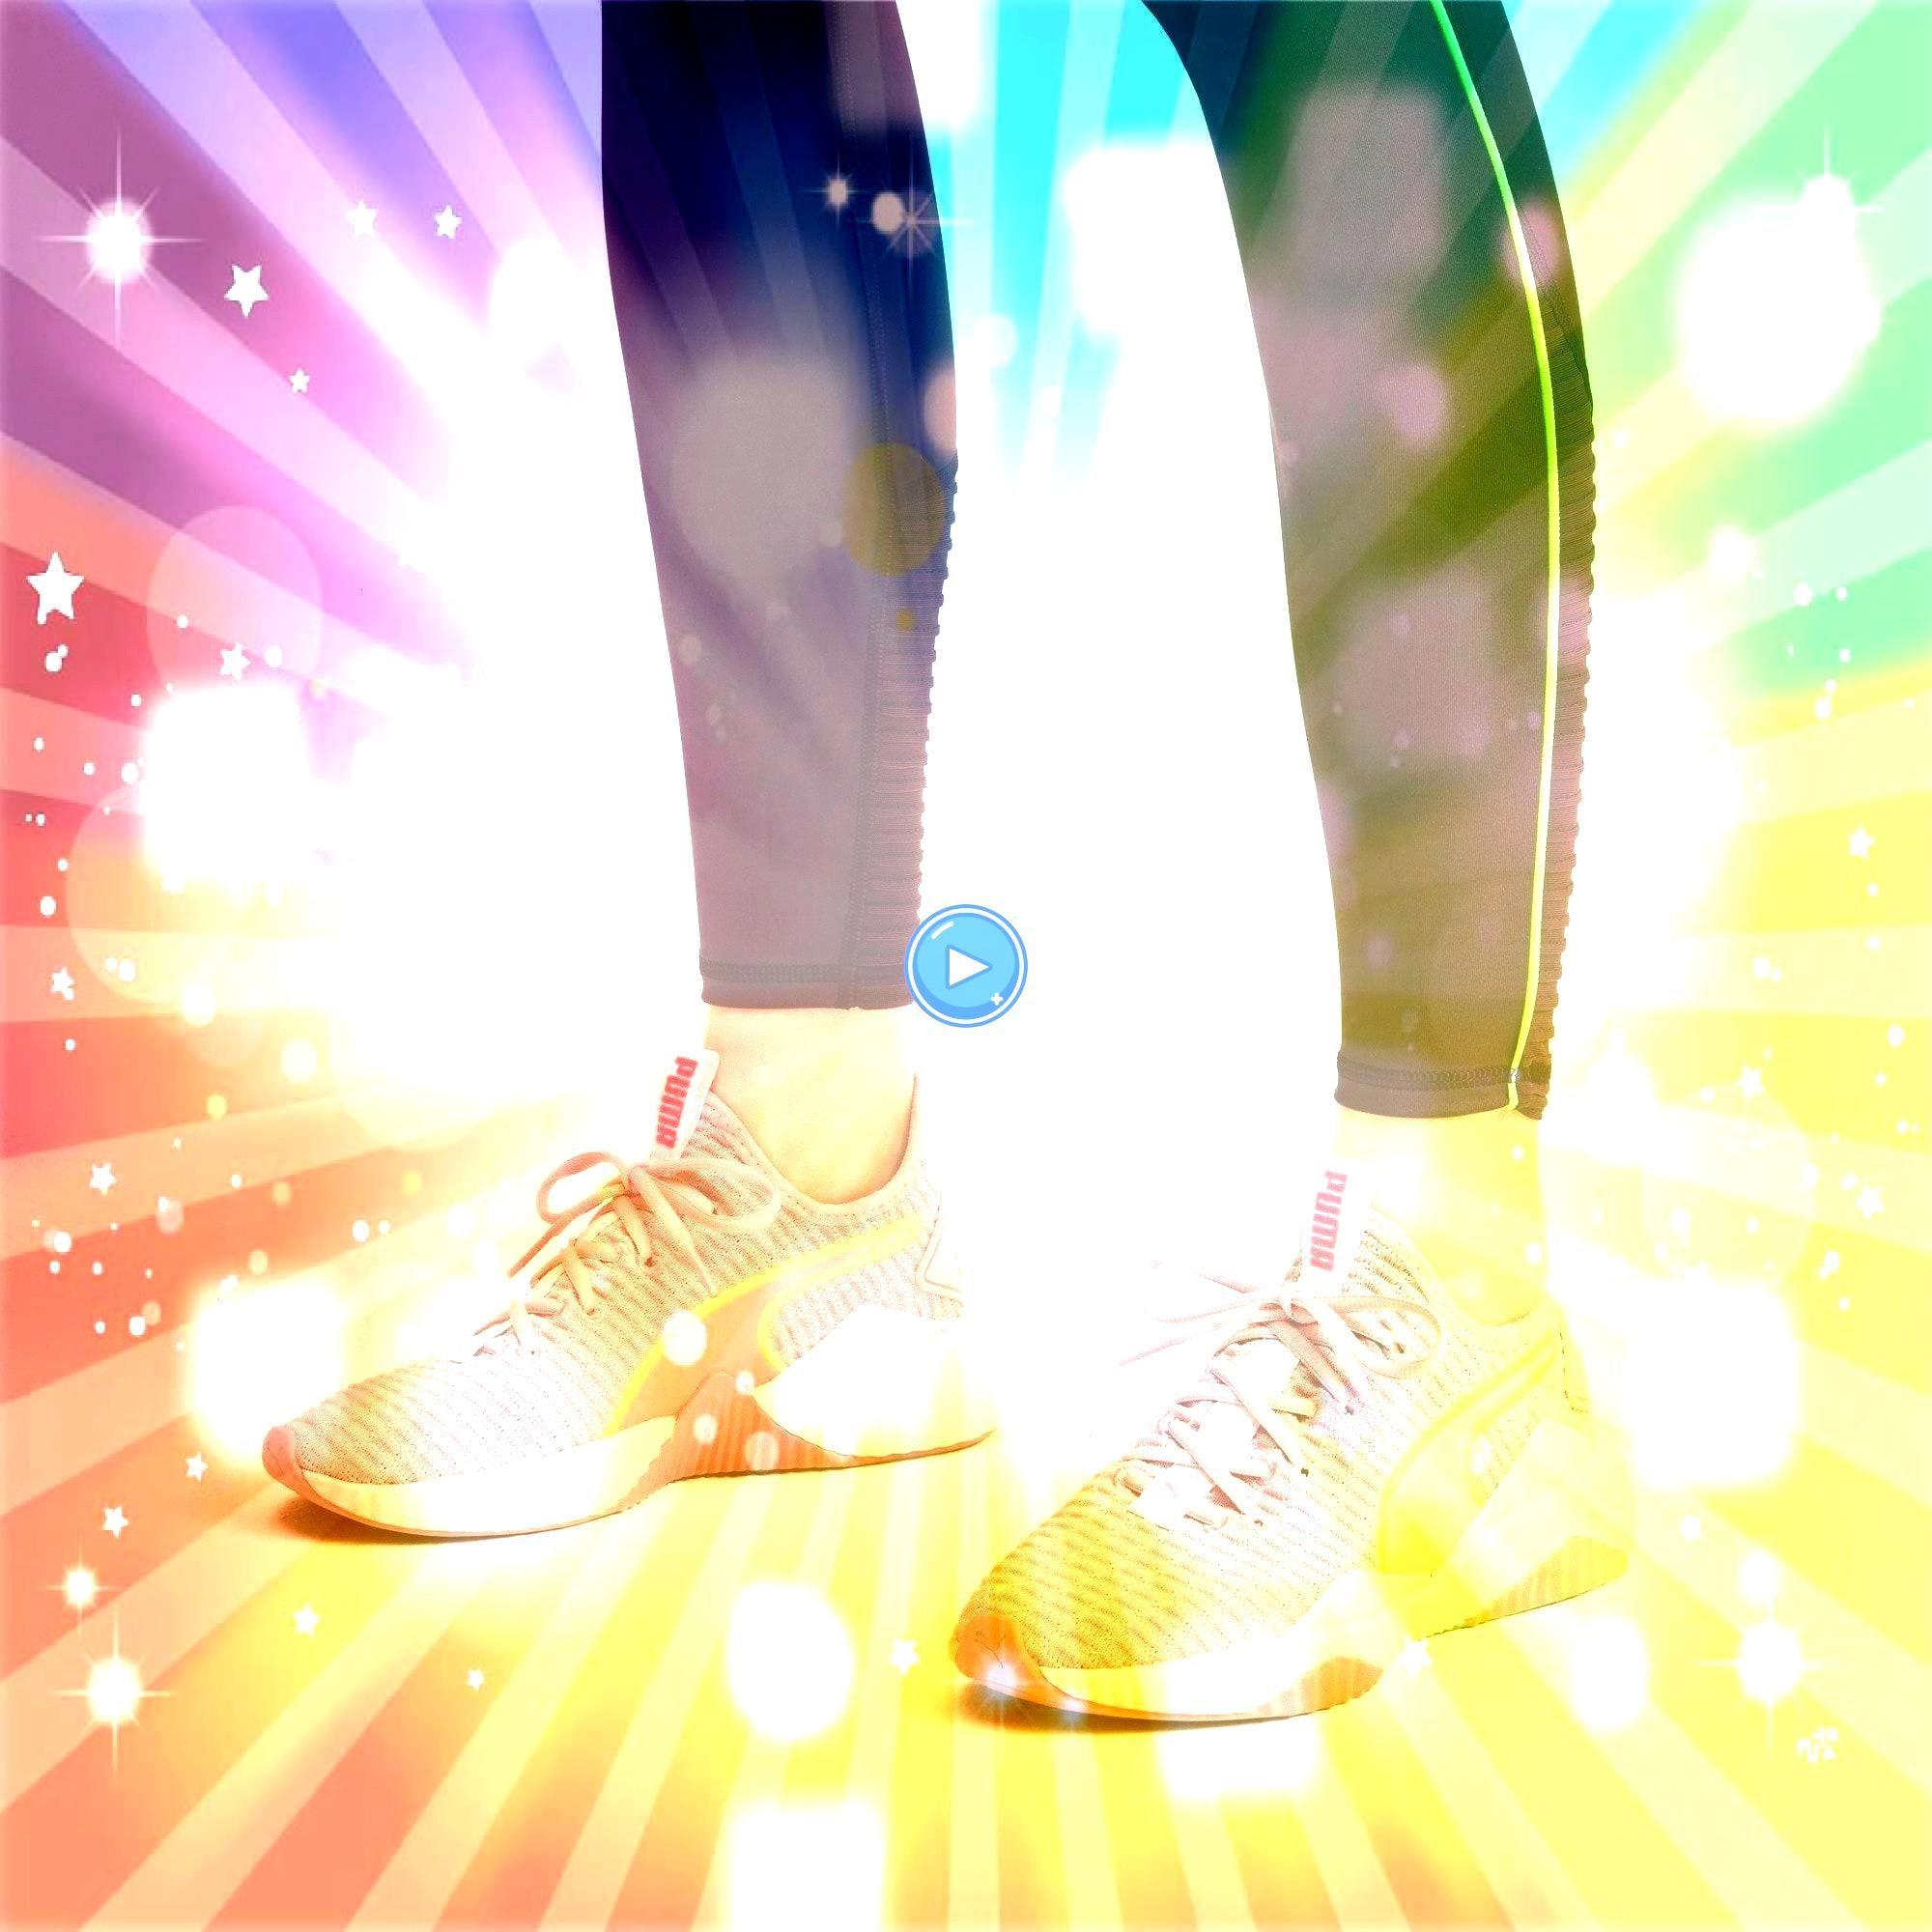 Womens Trainers in Bridal RoseWhite size 75 PUMA Defy Damen Sneaker in Bridal Rose  Weiß Größe 75PUMA Defy Womens Trainers in Bridal RoseWhite size 75 PU...